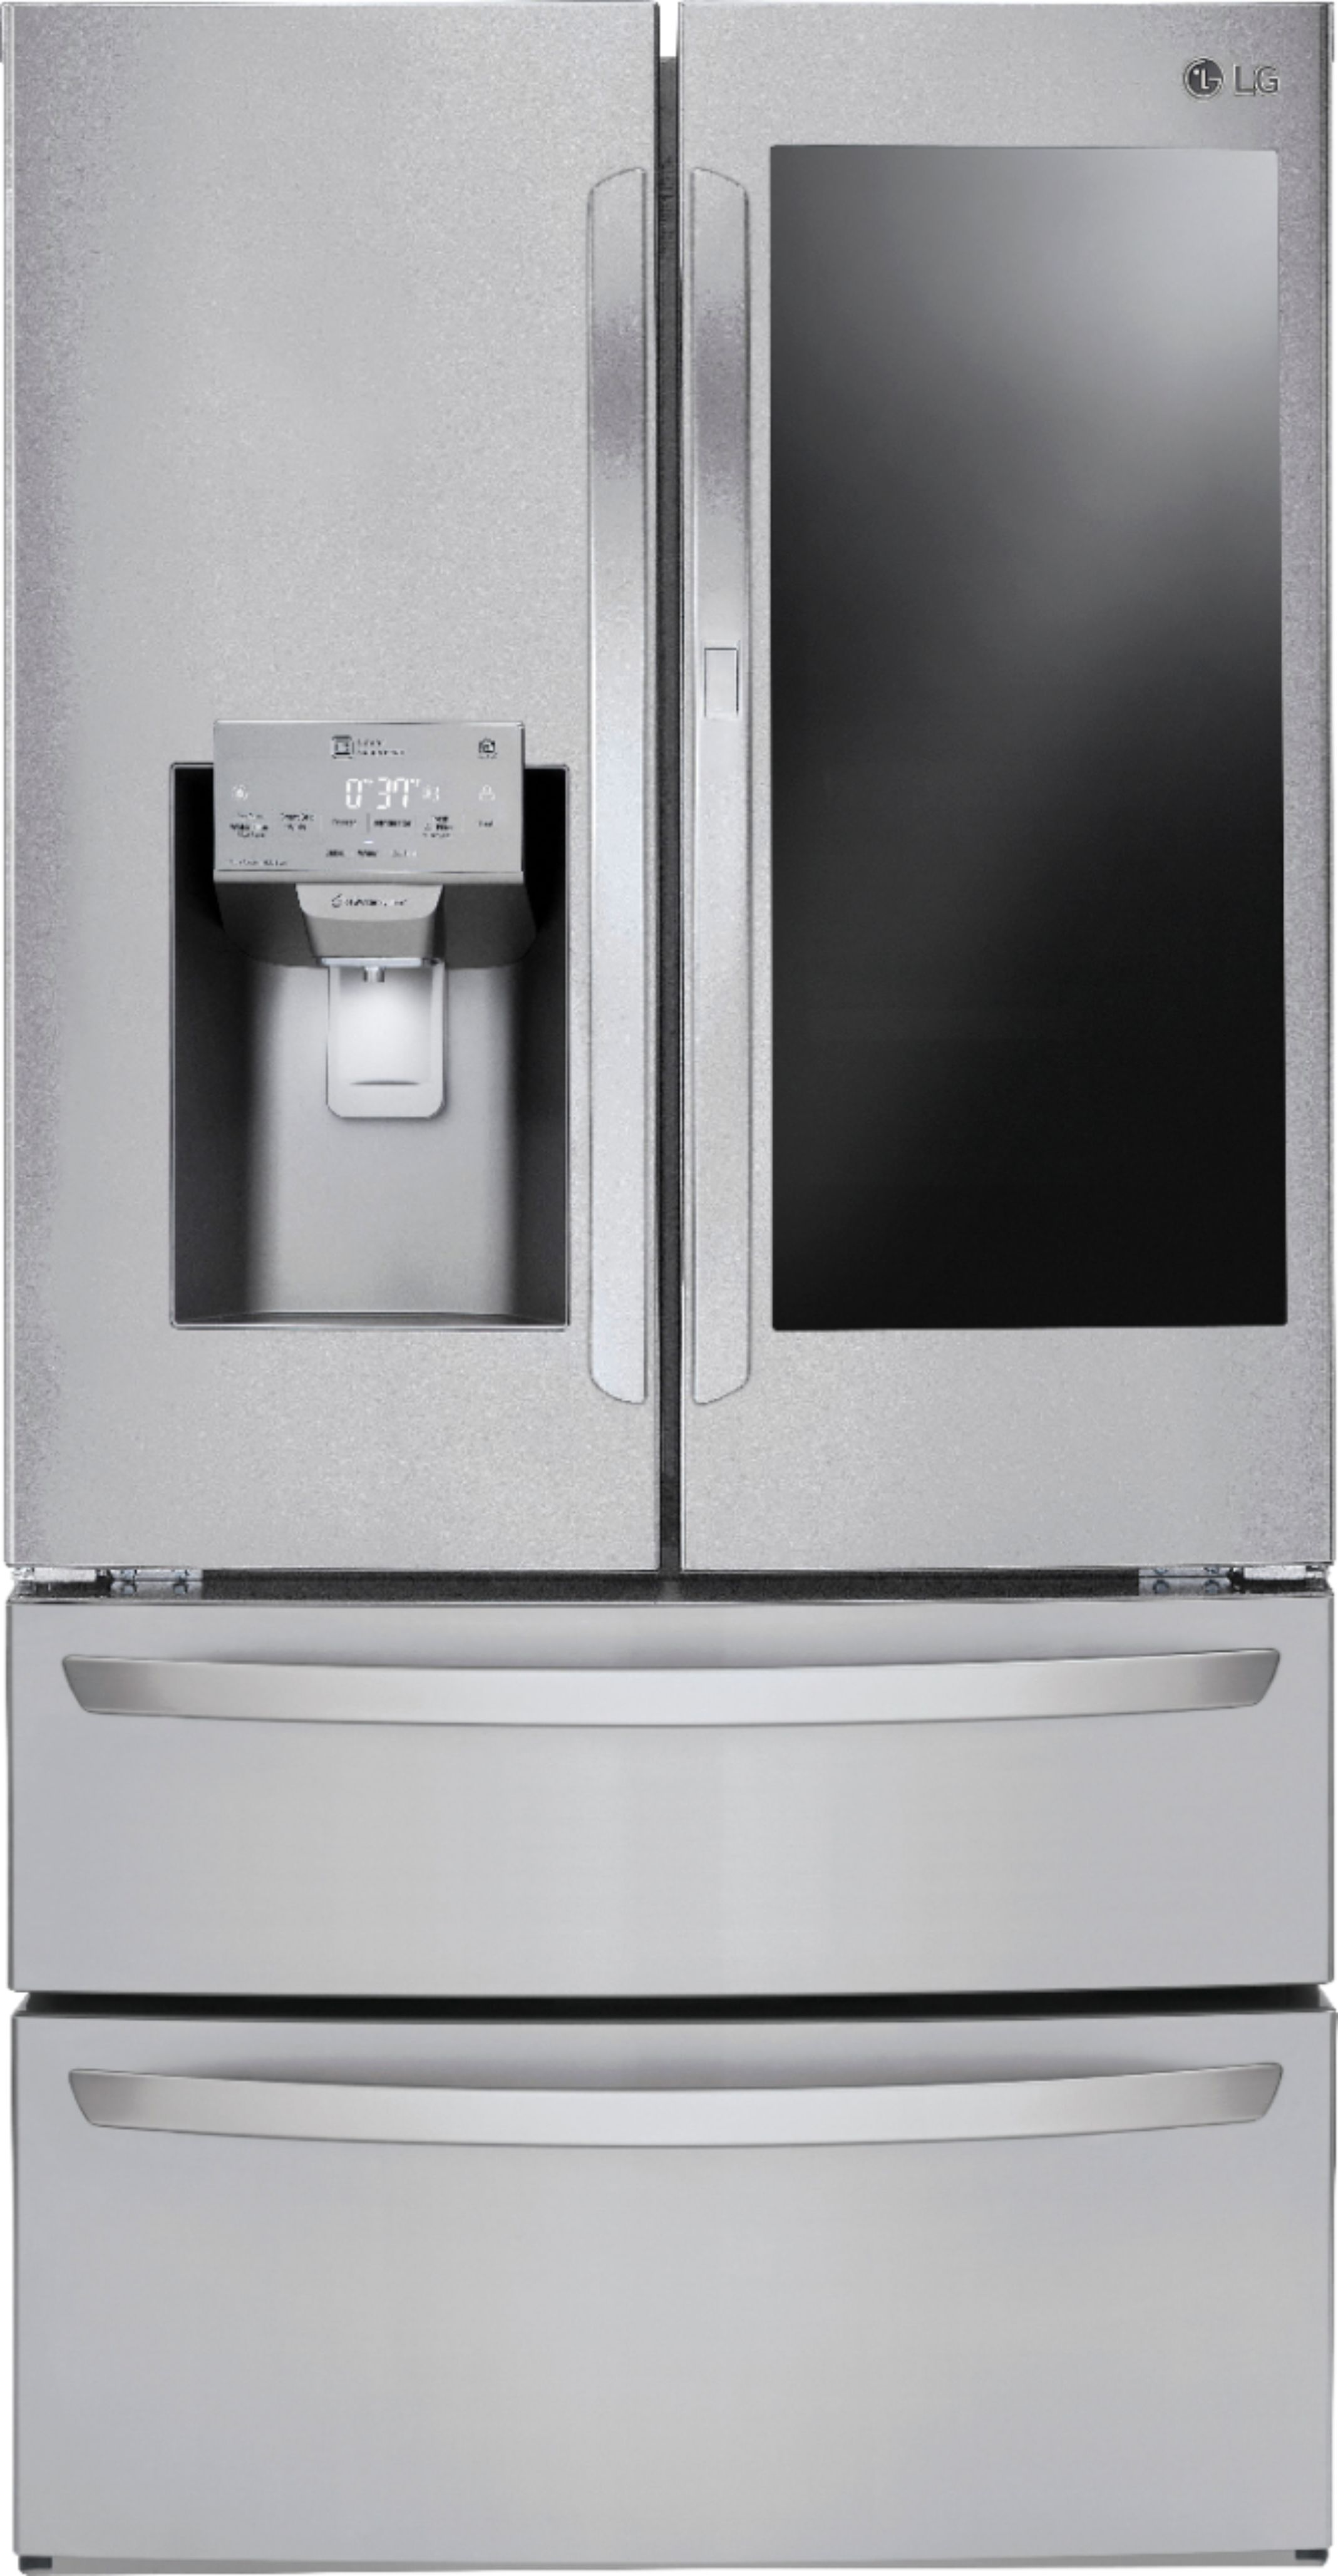 Lg Instaview Door In Door 27 8 Cu Ft 4 Door French Door Refrigerator Stainless Steel Lmxs28596s Best Buy Lg French Door Refrigerator Tempered Glass Shelves French Door Refrigerator